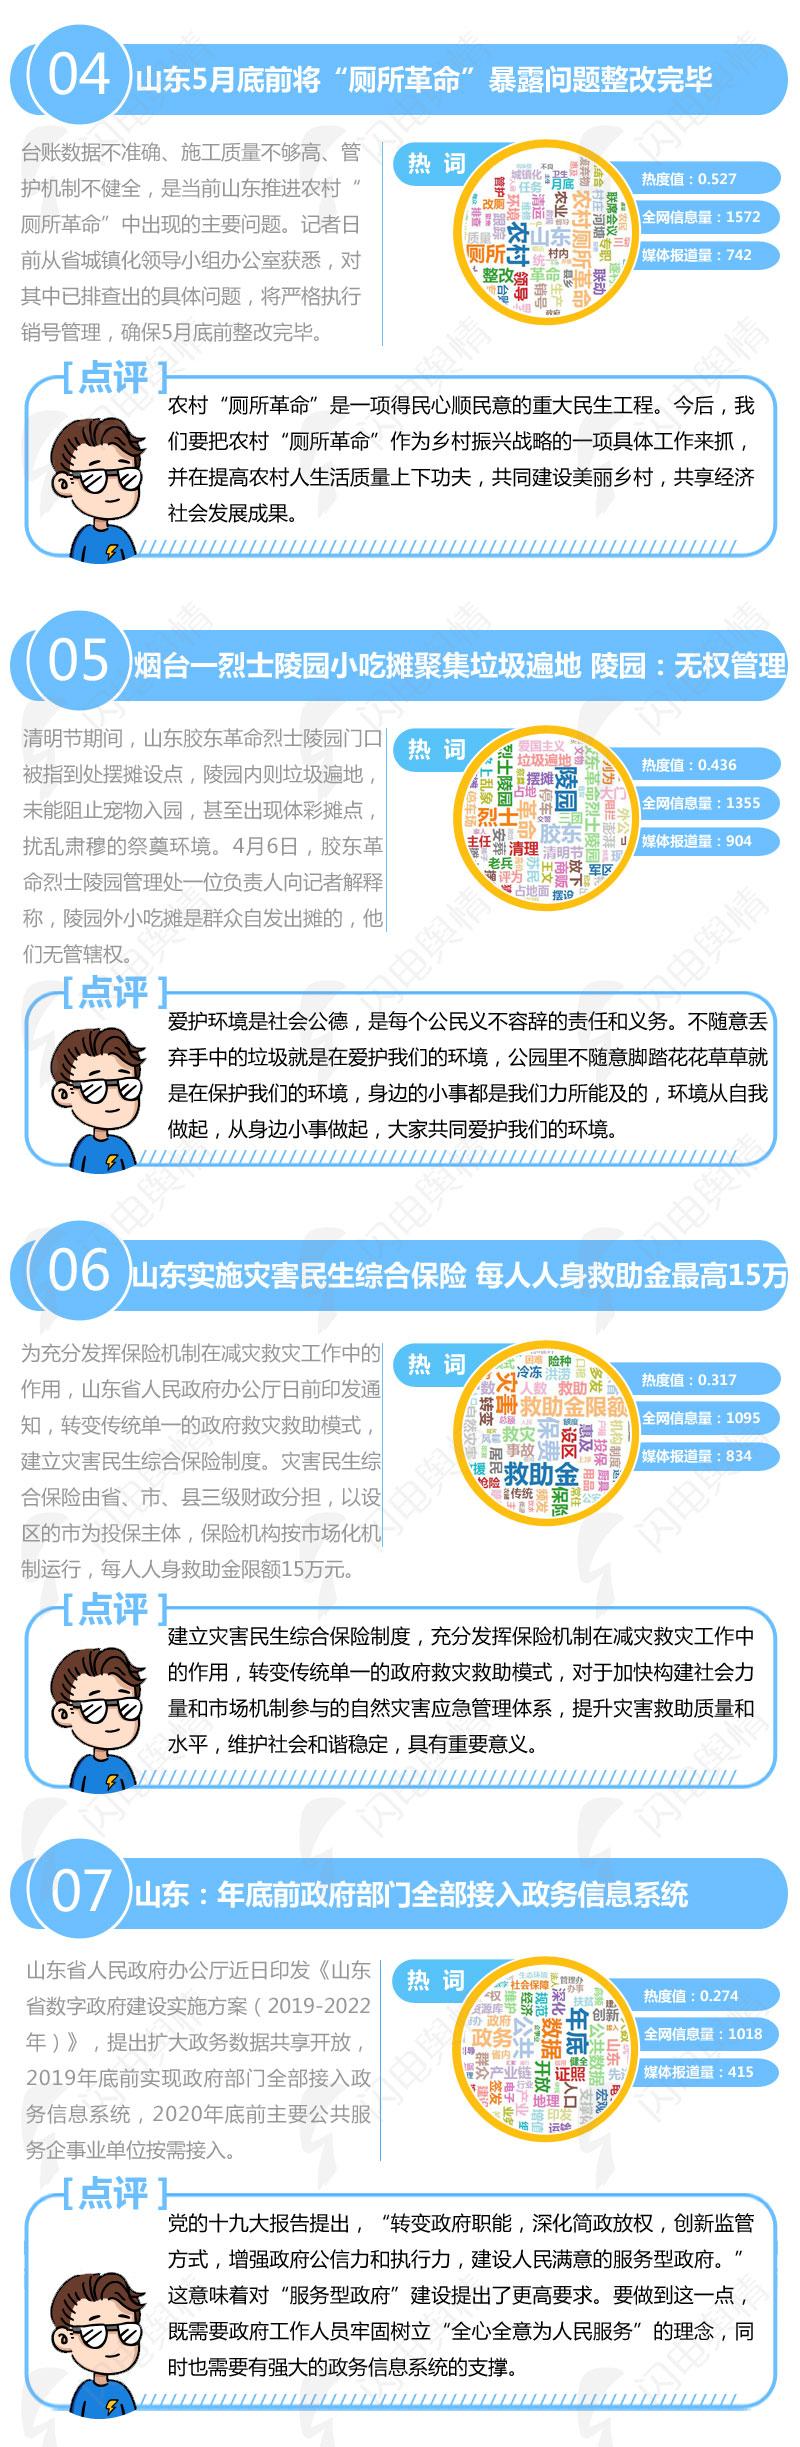 闪电舆情丨周排起:五位山东籍解搭解搭救火豪杰魂归故里上榜